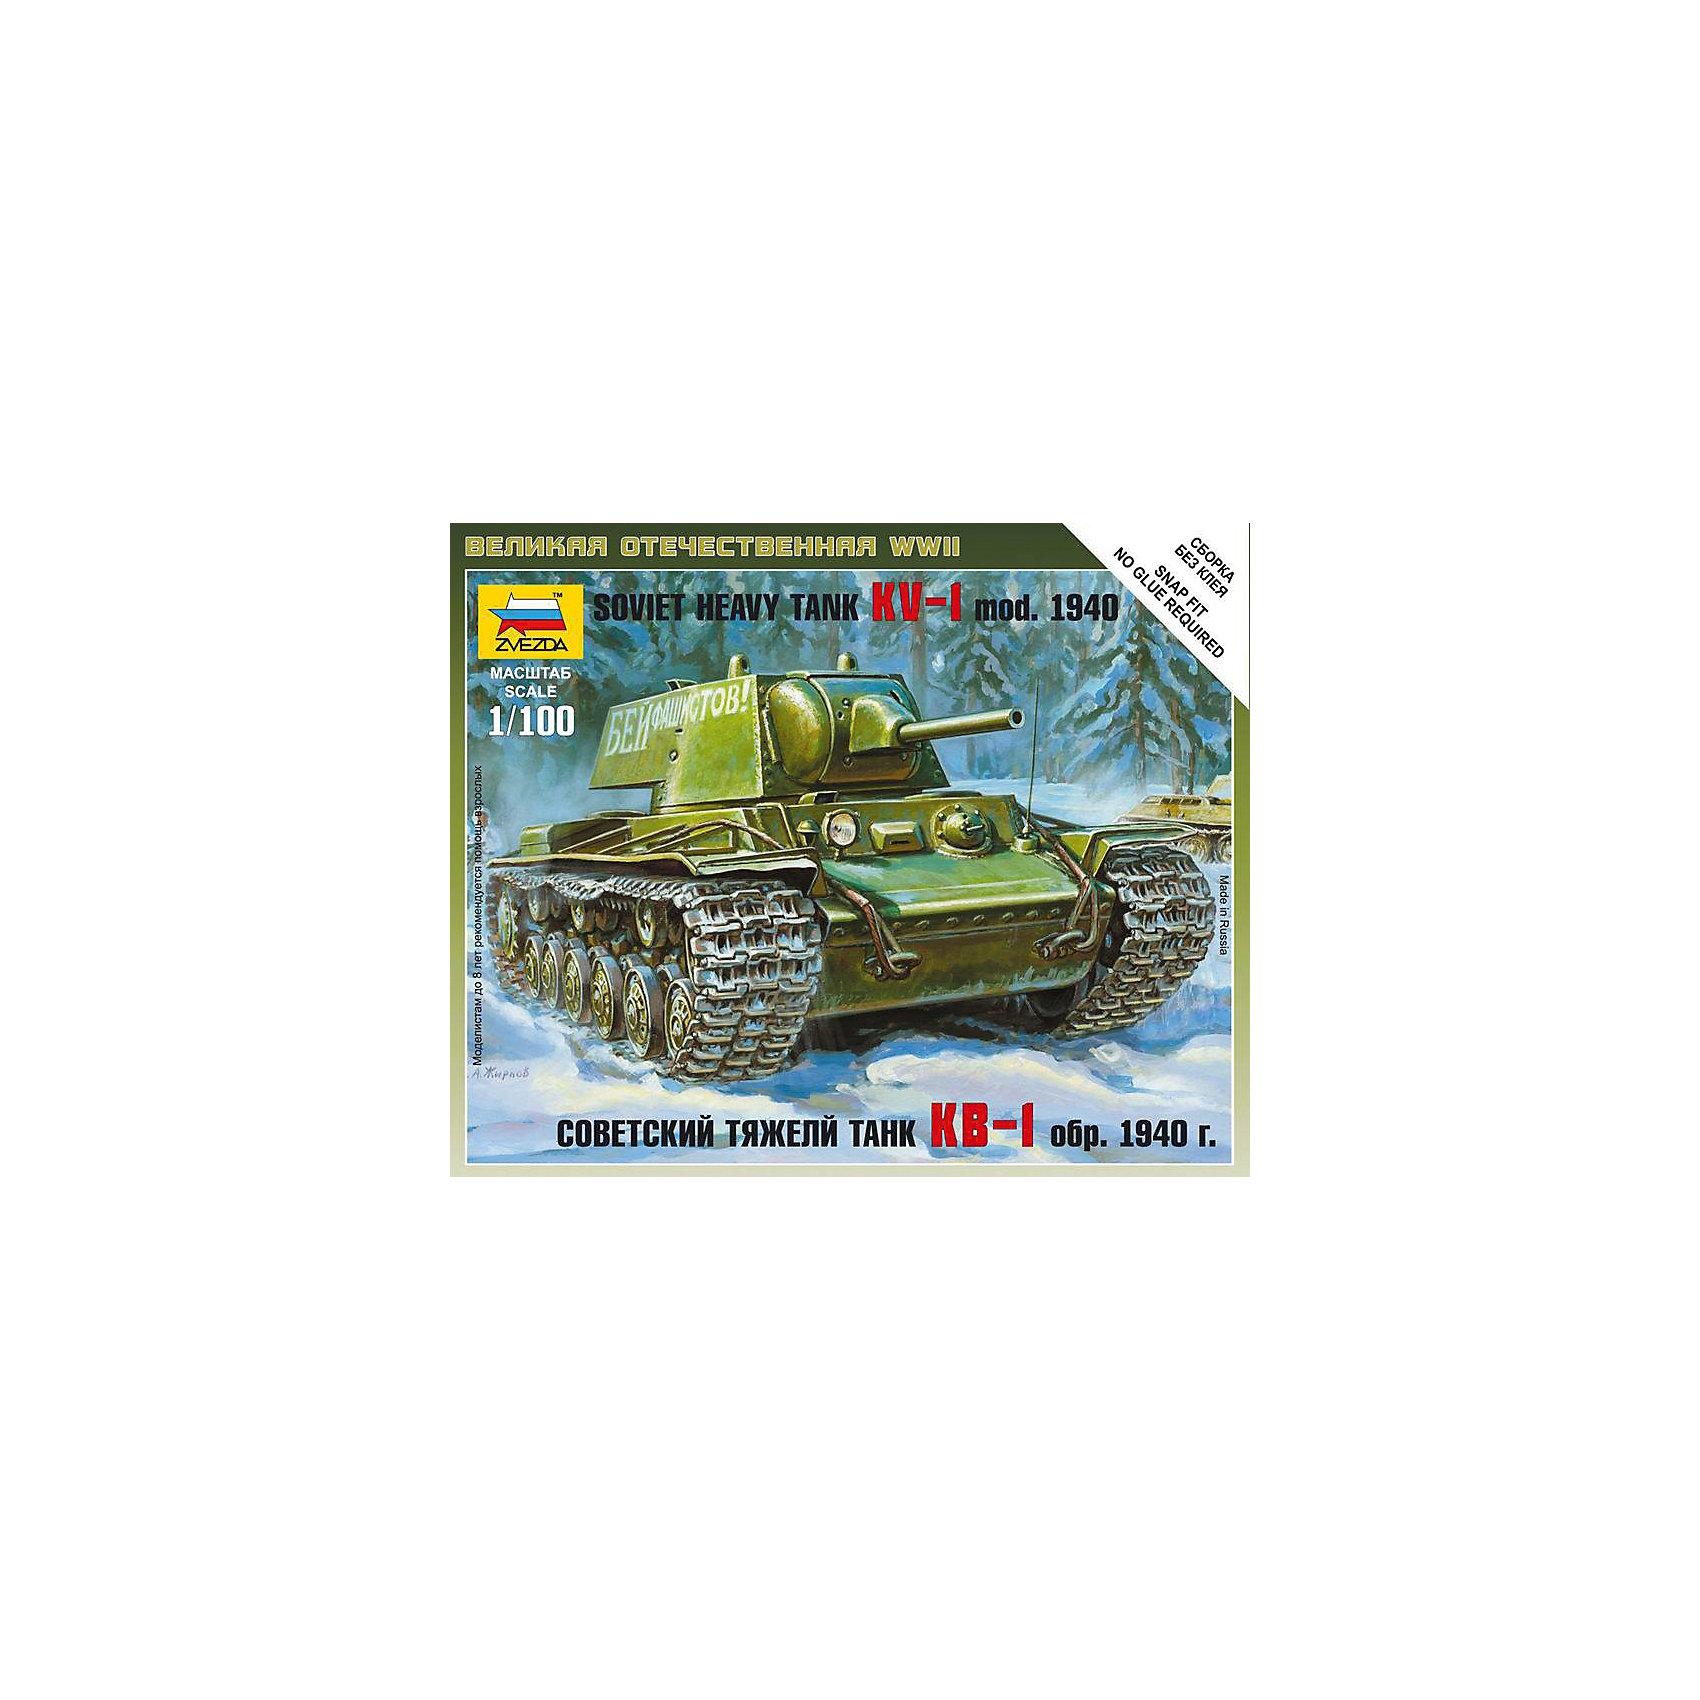 Сборная модель Звезда Советский танк КВ, 1:100 (сборка без клея)Модели для склеивания<br>Модель сборная Советский танк КВ<br><br>Ширина мм: 120<br>Глубина мм: 145<br>Высота мм: 20<br>Вес г: 45<br>Возраст от месяцев: 36<br>Возраст до месяцев: 180<br>Пол: Мужской<br>Возраст: Детский<br>SKU: 7086460